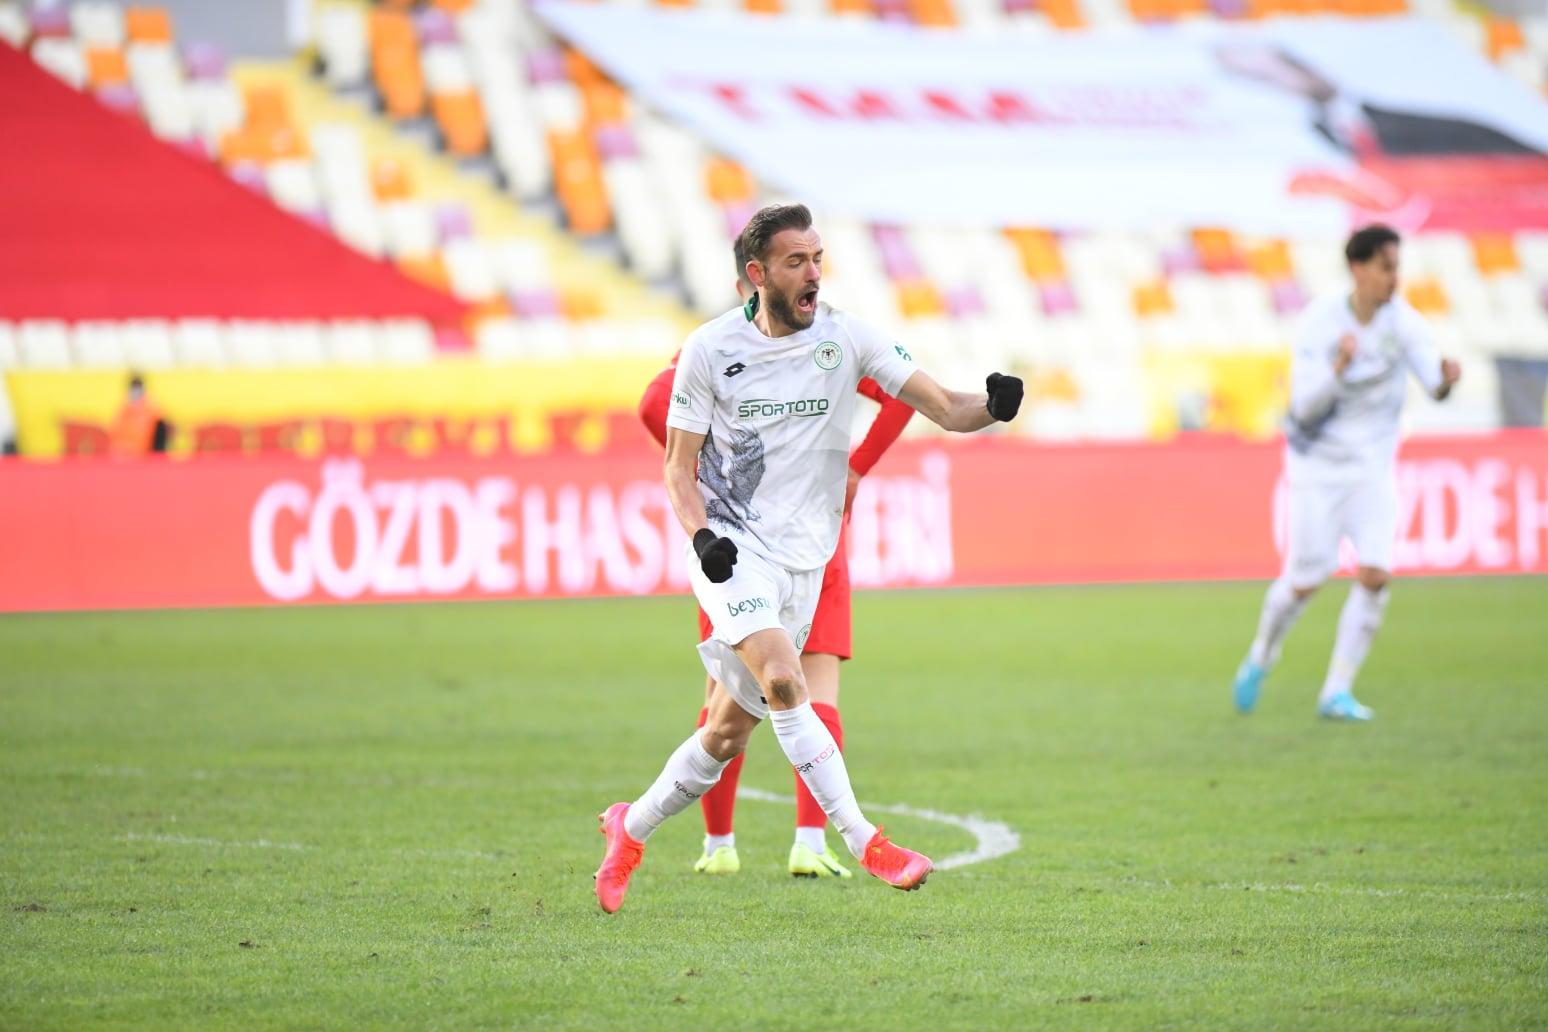 Cikalleshi: S'më ka pushuar telefoni, golat vijnë për një arsye! Kritikat?  Flet fusha - Egnatia News